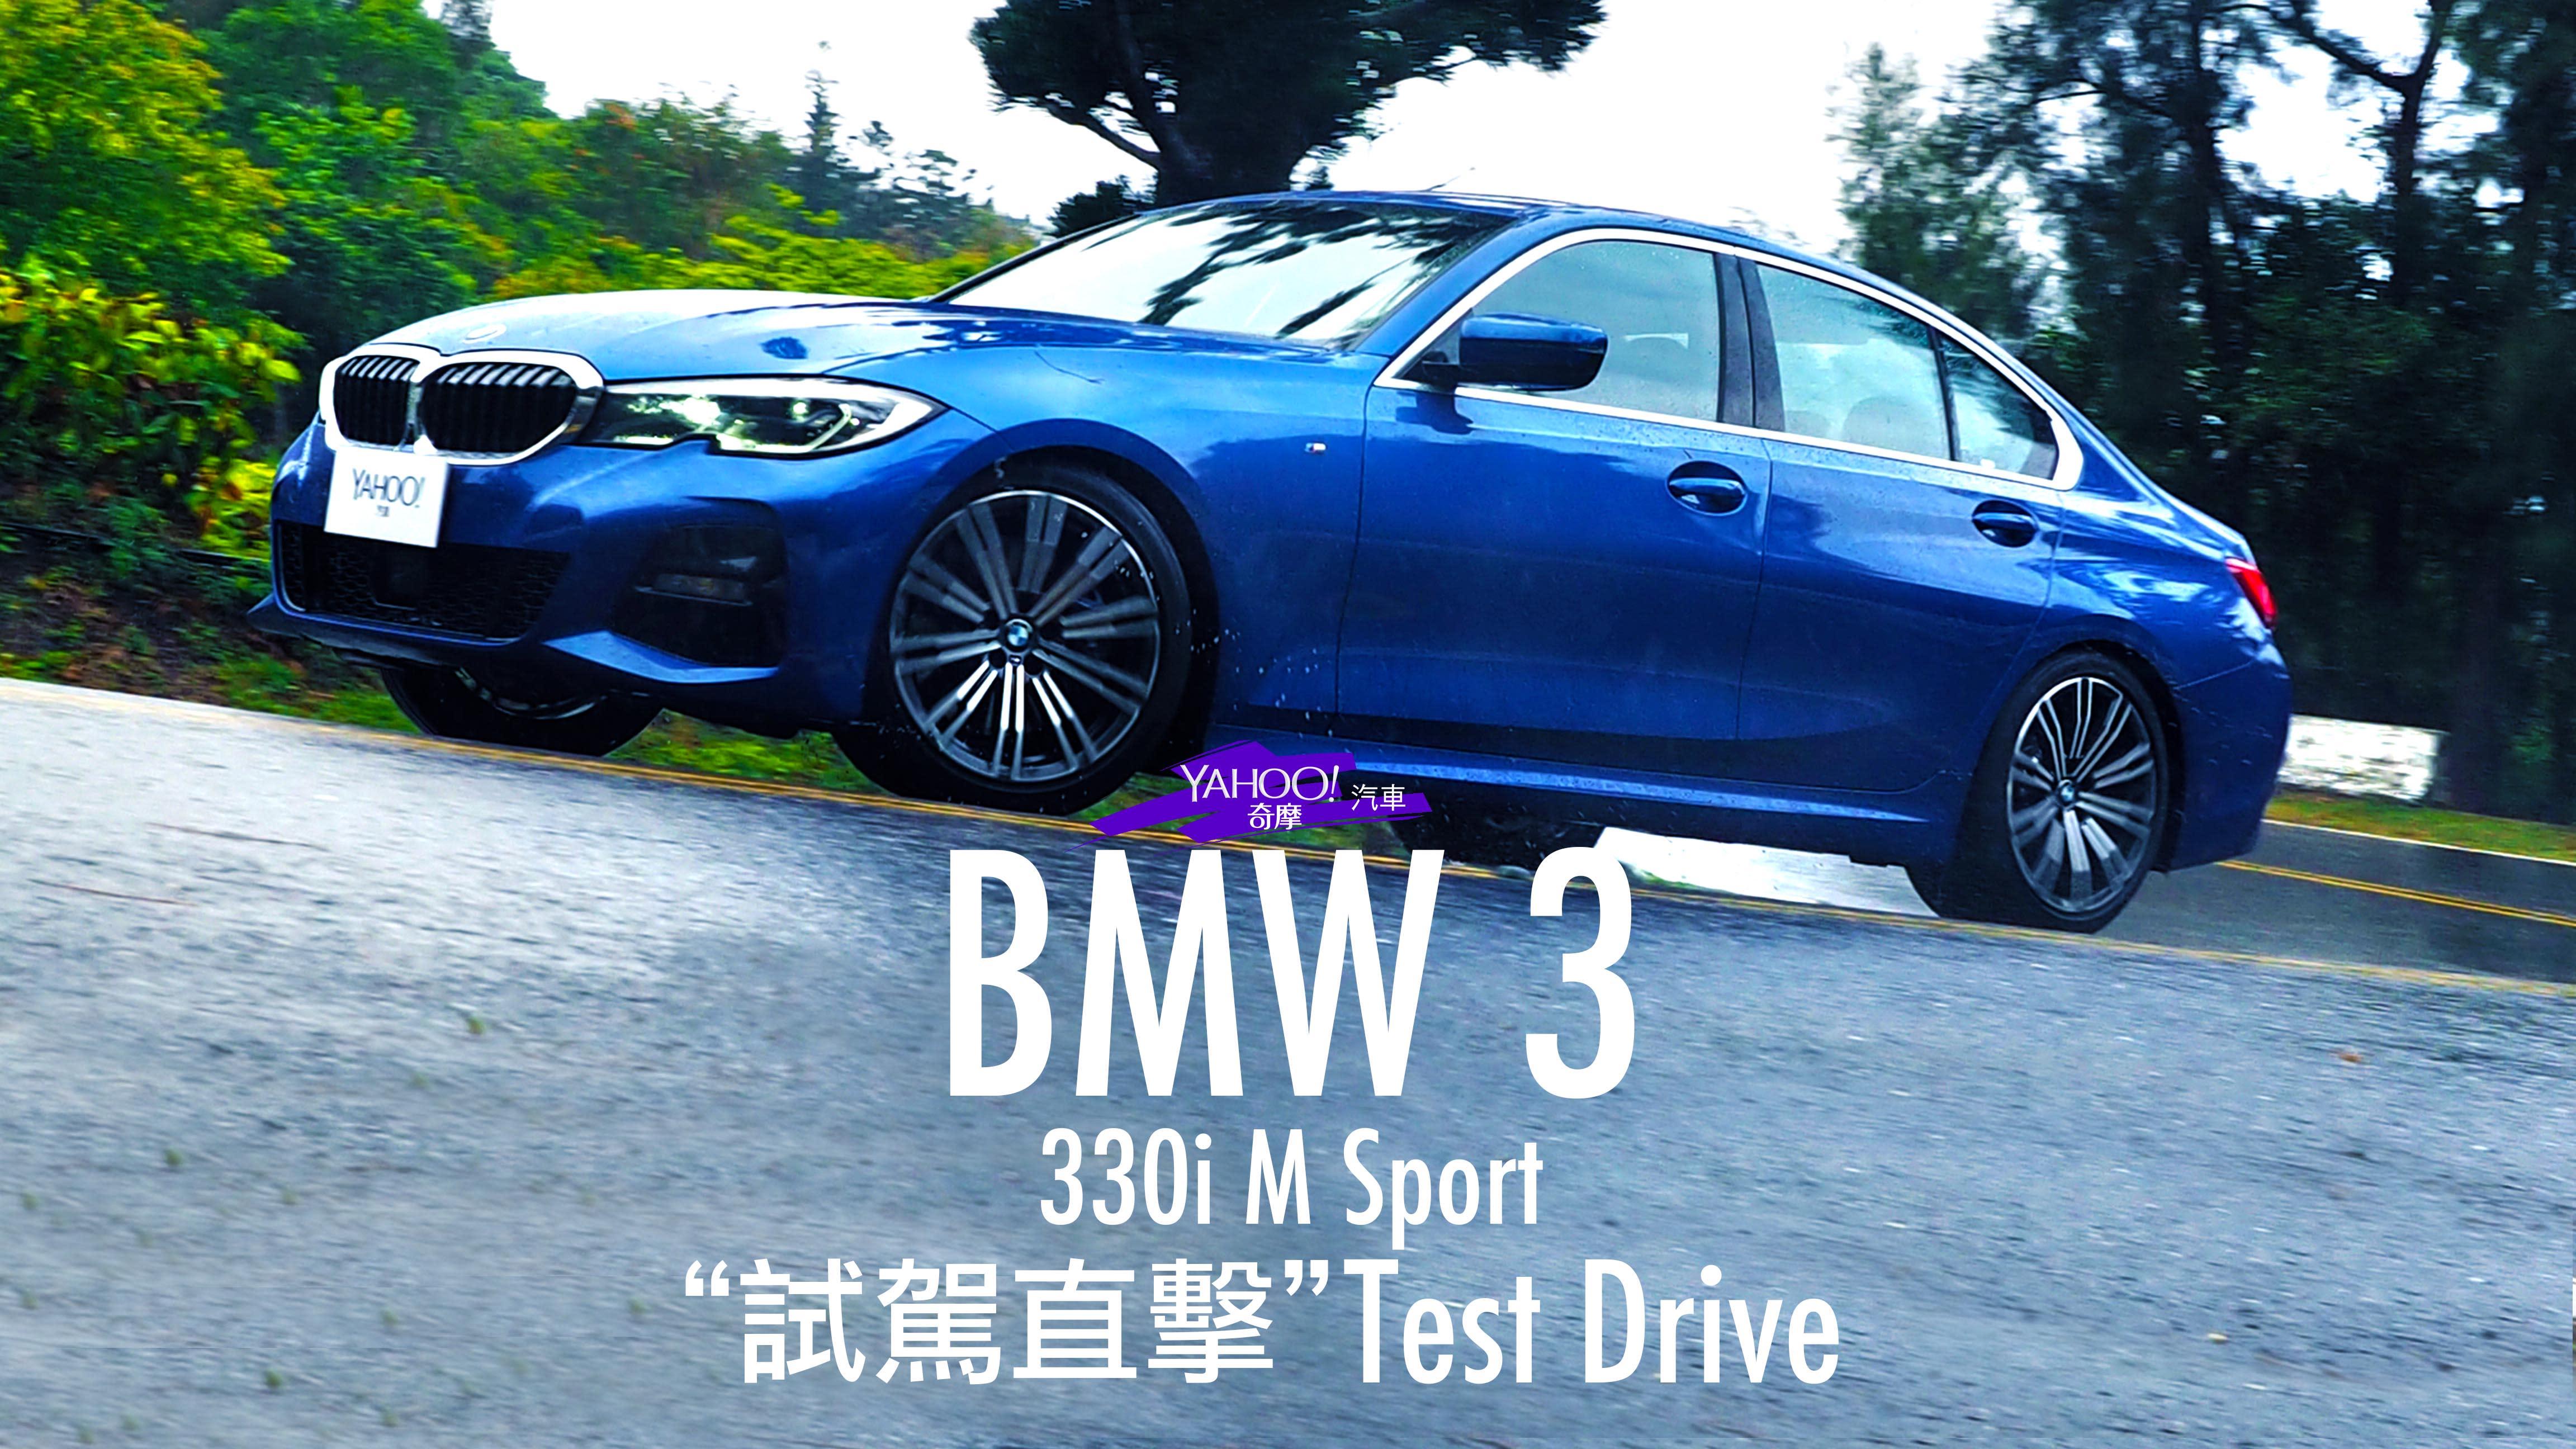 【試駕直擊】集歷代之大成!BMW G20 330i M Sport高雄墾丁往返試駕